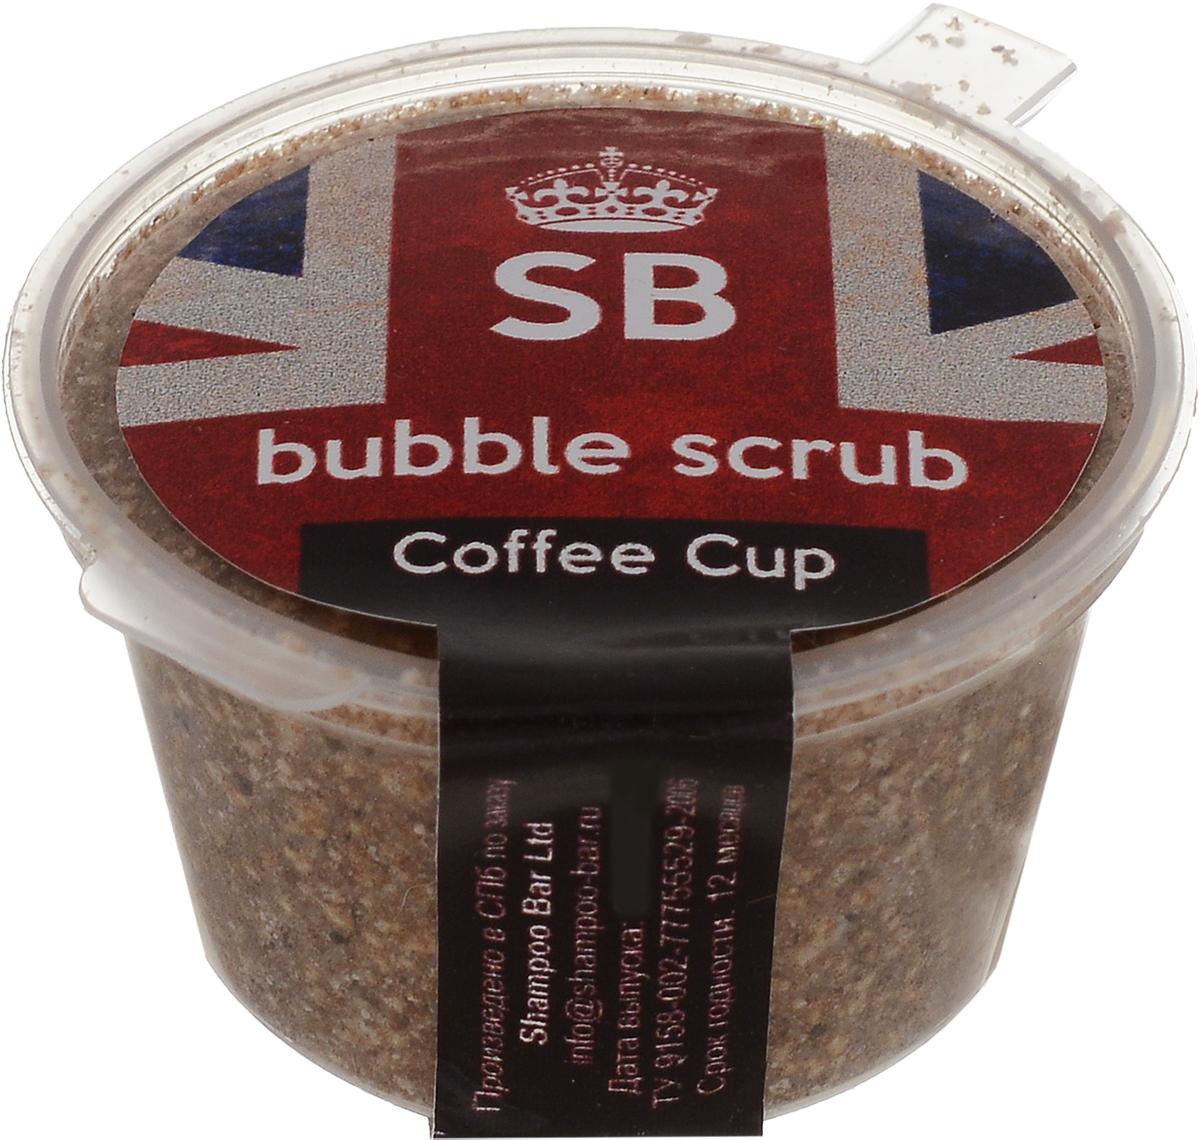 Shampoo Bar Скраб-пена кофейный Bubble-Scrub Coffee Cup, 80 грSB BSCCАбсолютное ноу-хау лаборатории Shampoo Bar. Аналогов нет ни у кого! Представляем вашему вниманию кофейный Bubble-Scrub (бабл-скраб). Это уникальный продукт для роскошного домашнего SPA-ухода: пузырящийся кофейный скраб и кофейная пенка для тонизирующей ванны в одном! Формат - традиционный для лаборатории SB - твердый.